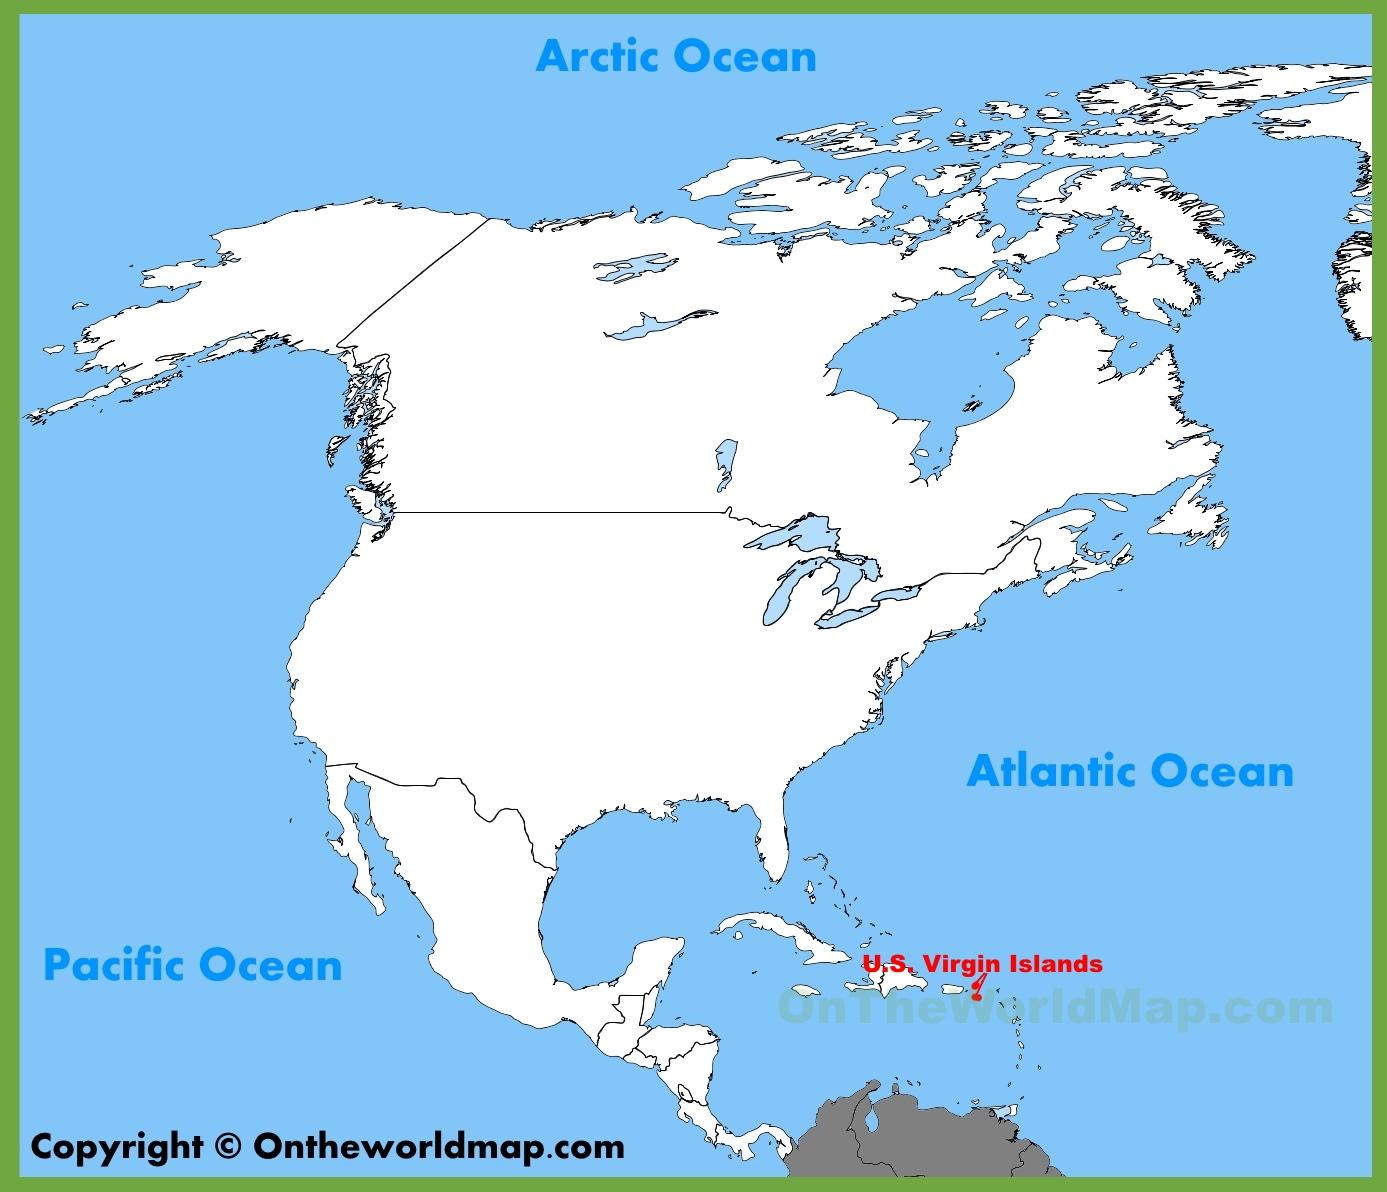 Us Map With Virgin Islands U.S. Virgin Islands Maps | Maps of United States Virgin Islands